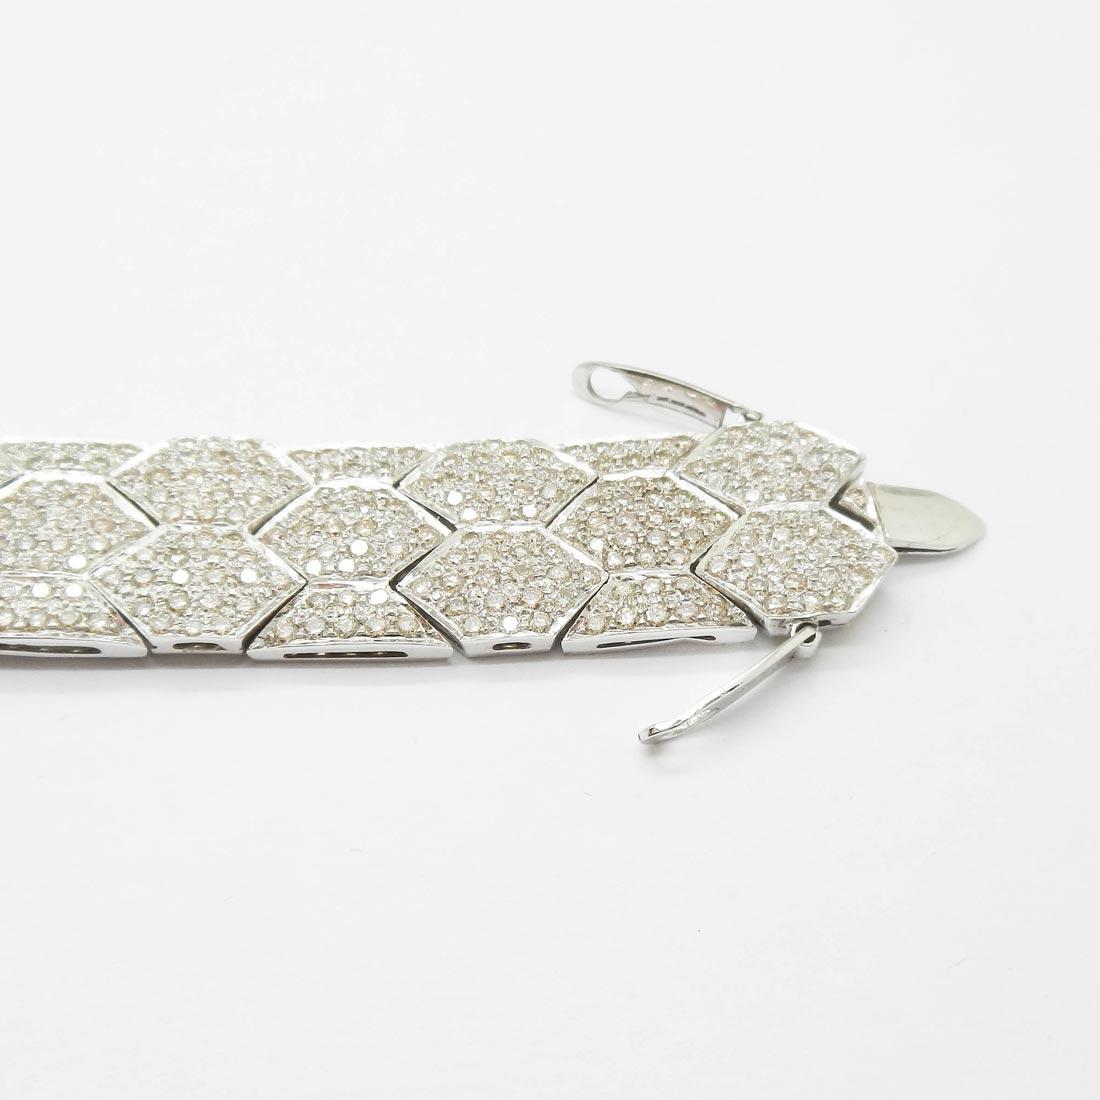 il-marchese-diamonds-gioielli-artigianali-bracciale-maglia-oro-bianco-diamanti-pezzi-unici-collezione-3